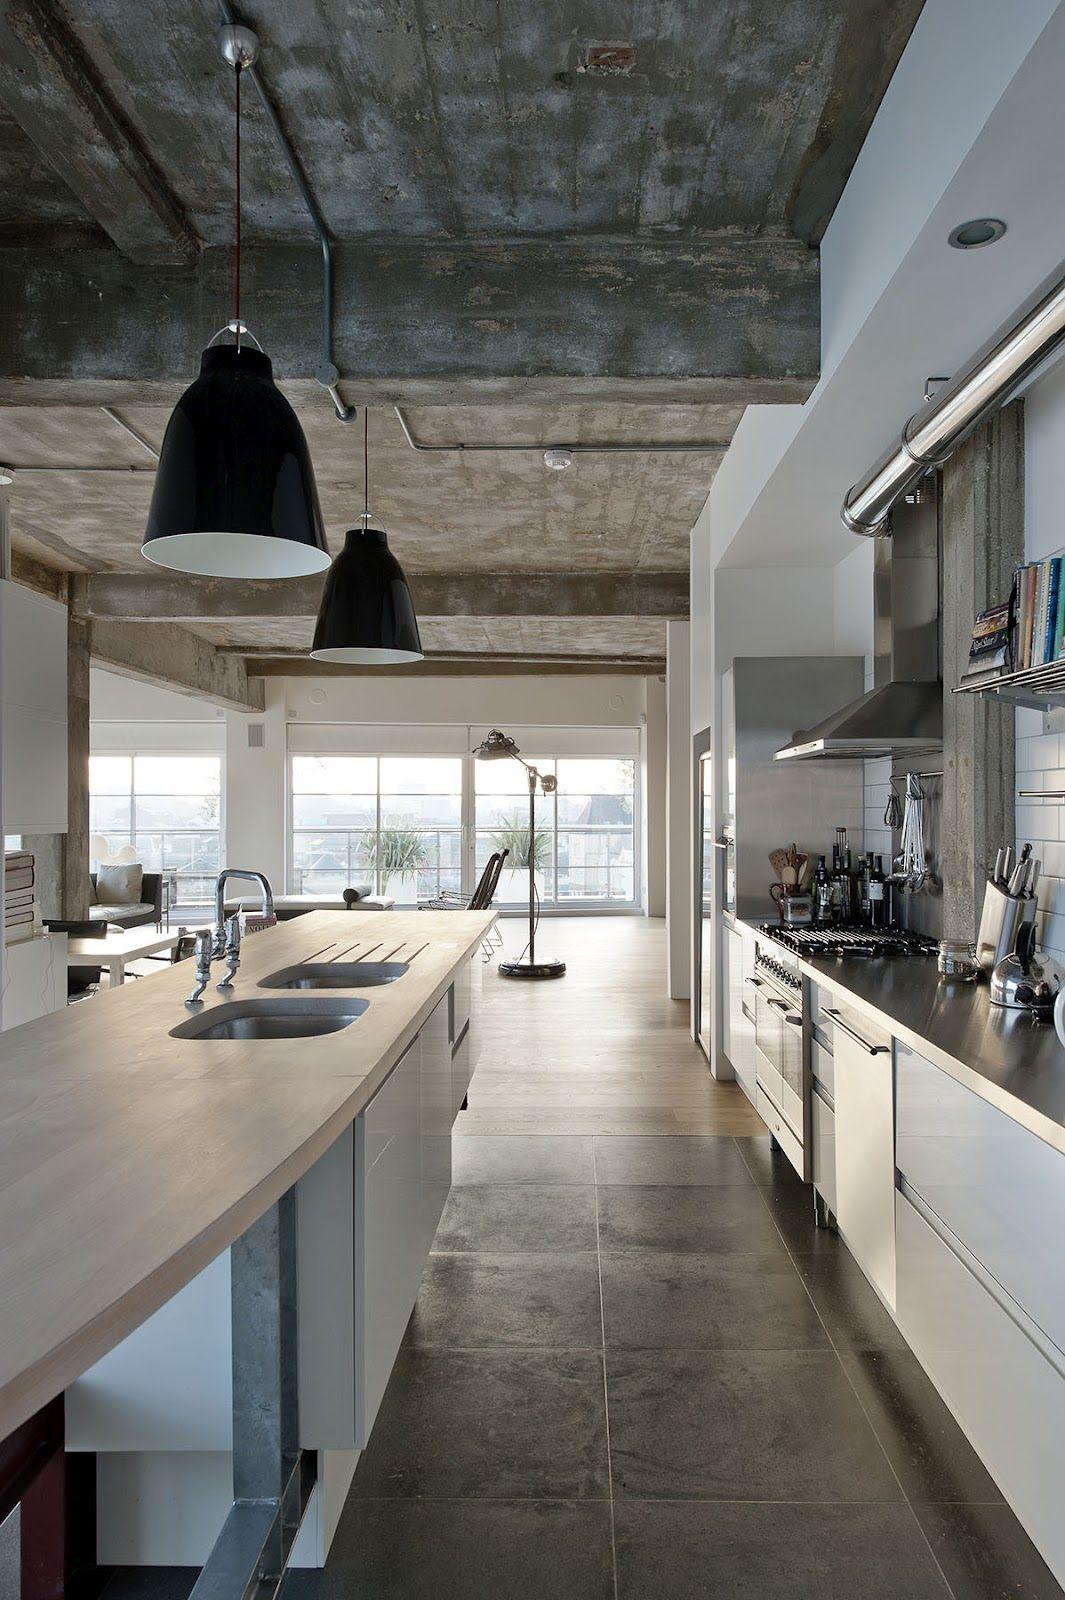 industrial-lofts-inspiration-london-2 | Cocinas, Interiores y ...